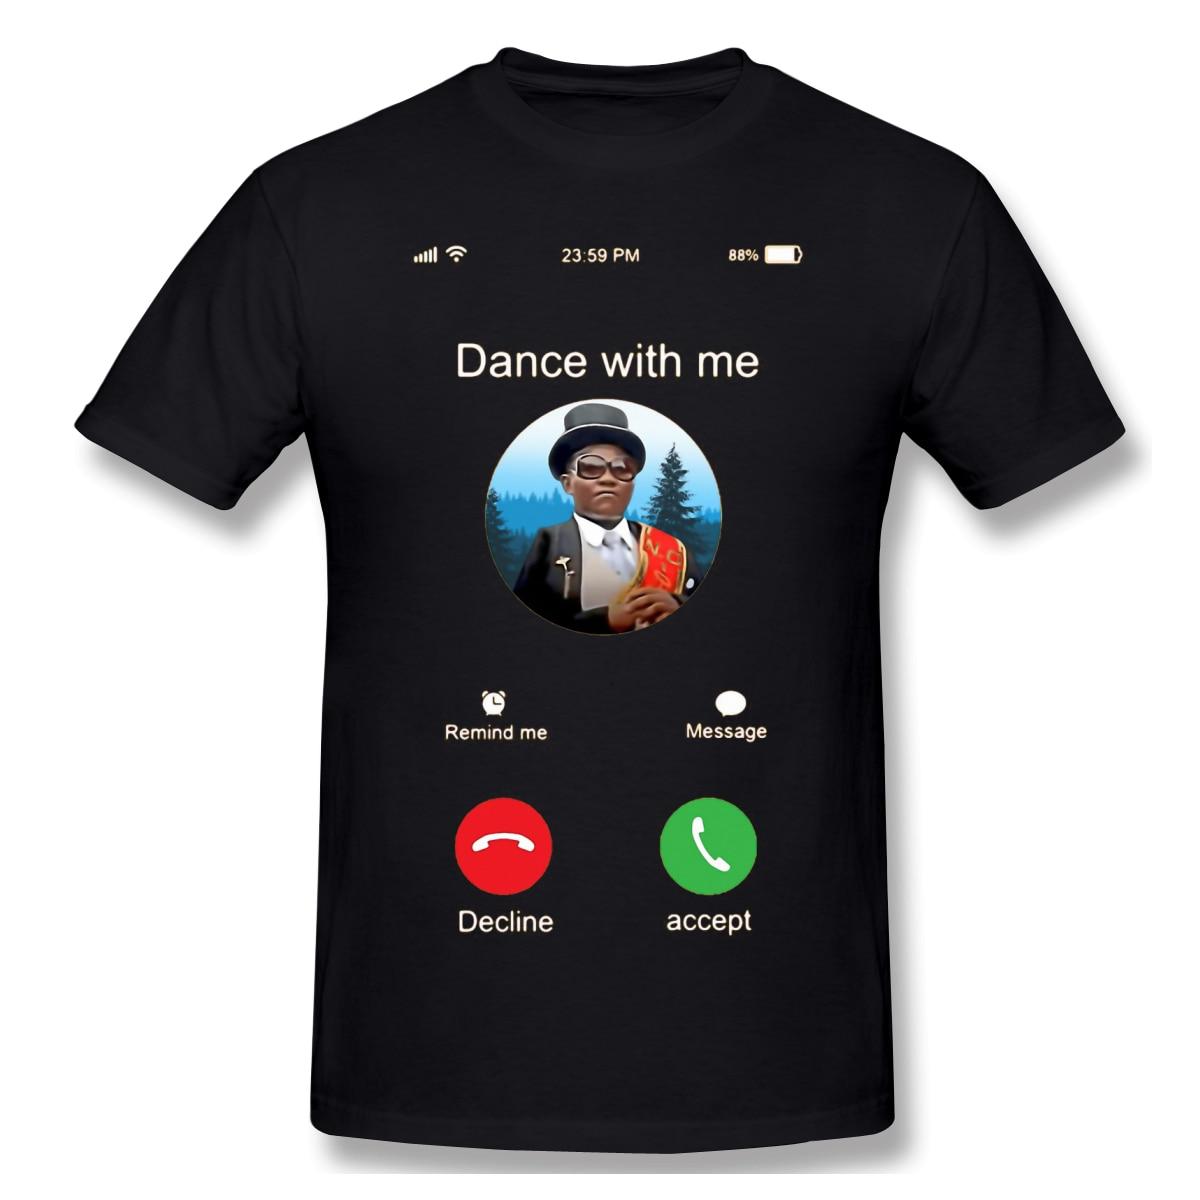 T camisas dos homens engraçado momento camiseta de alta qualidade camiseta pai dia topos 100% algodão roupas caixão dança meme puro algodão t